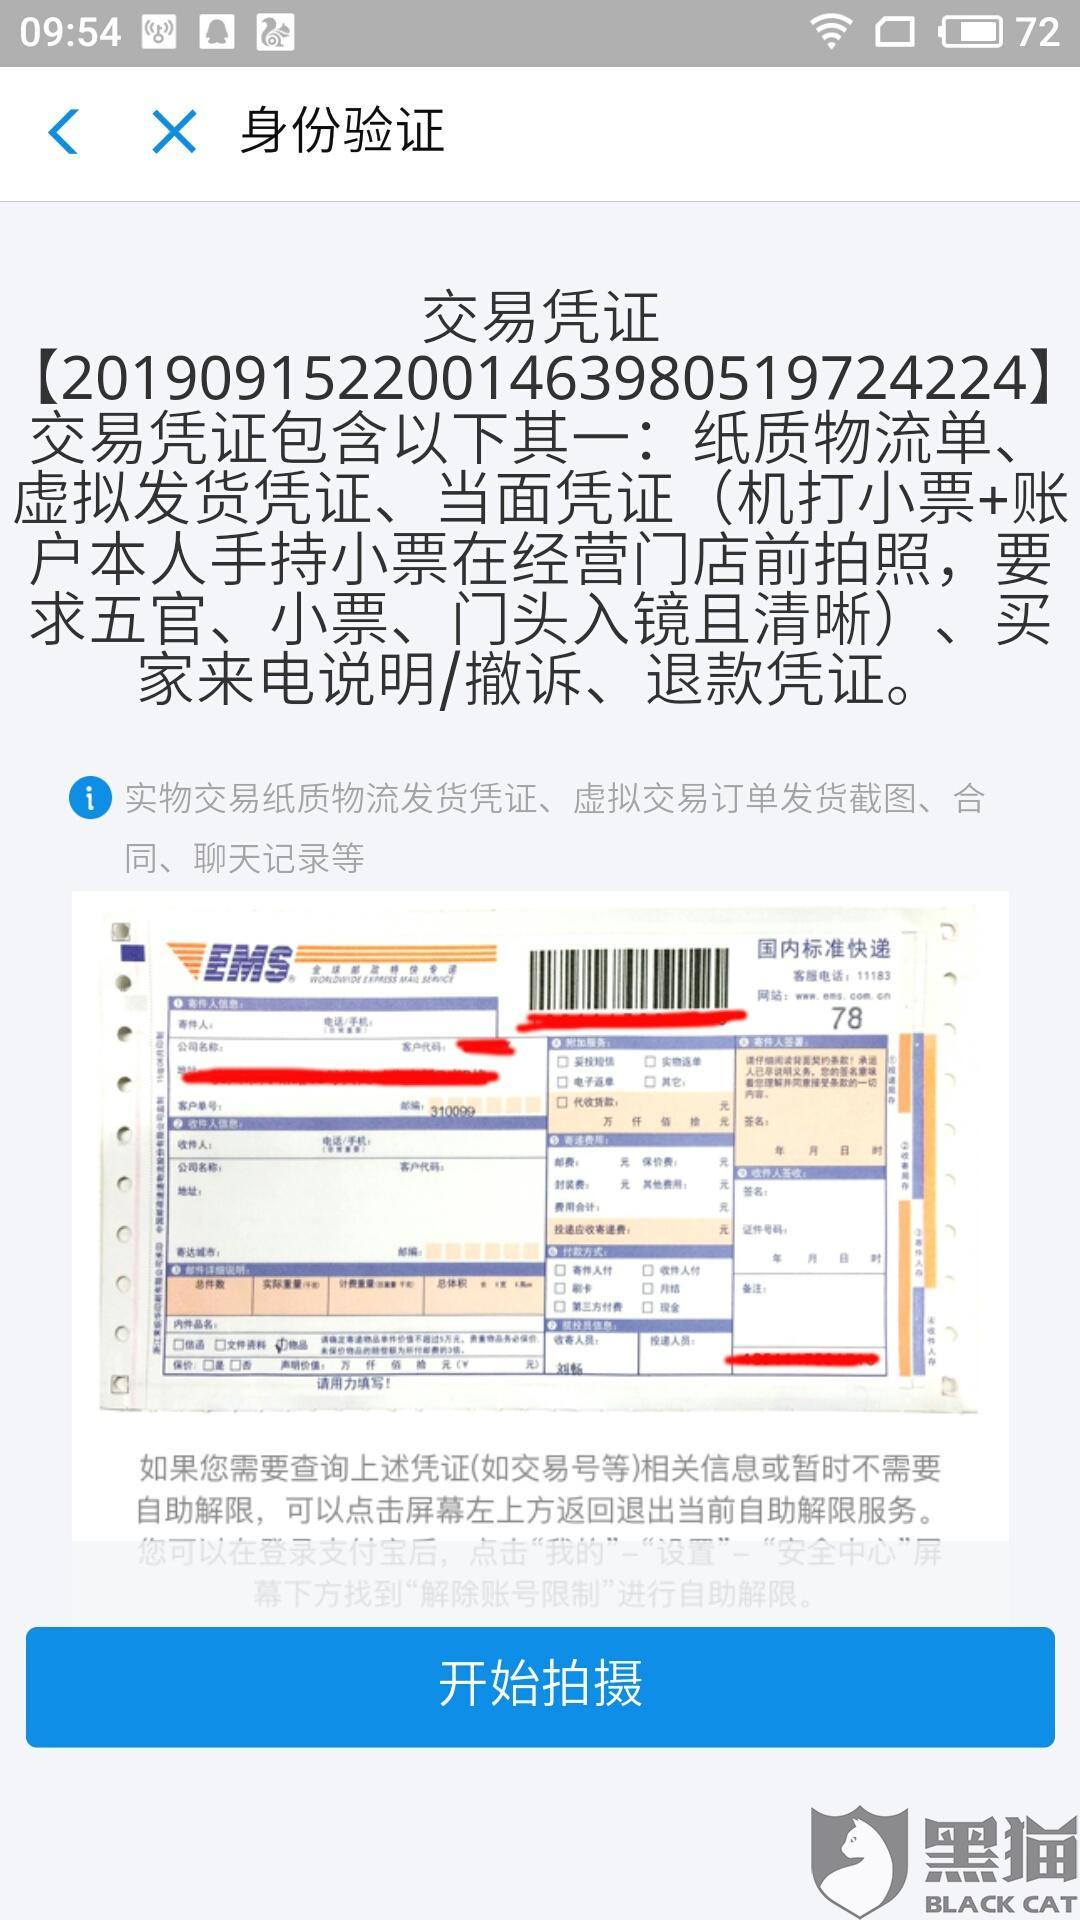 黑猫投诉:支付宝客服限制了用户余额功能。用户被恶意举报支付宝客服冻结了用户收付款功能。